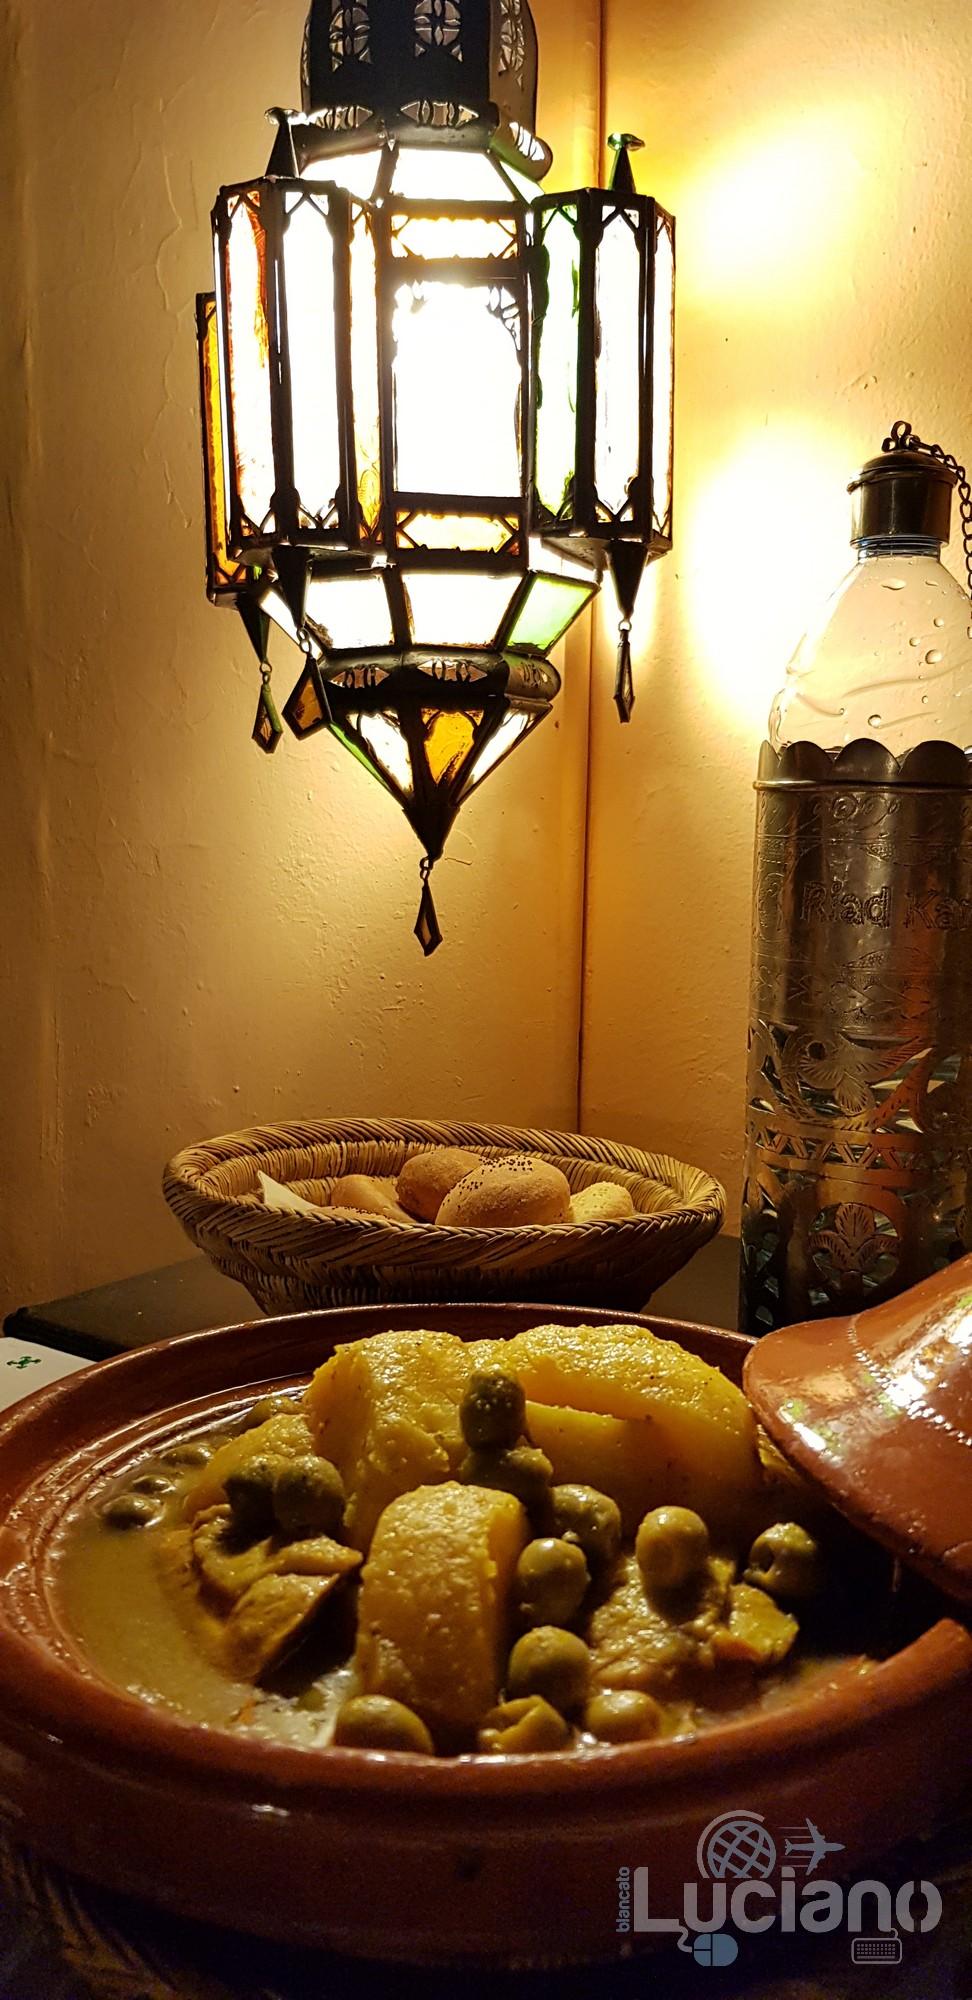 Riad Karmela - Marrakesh - Marocco